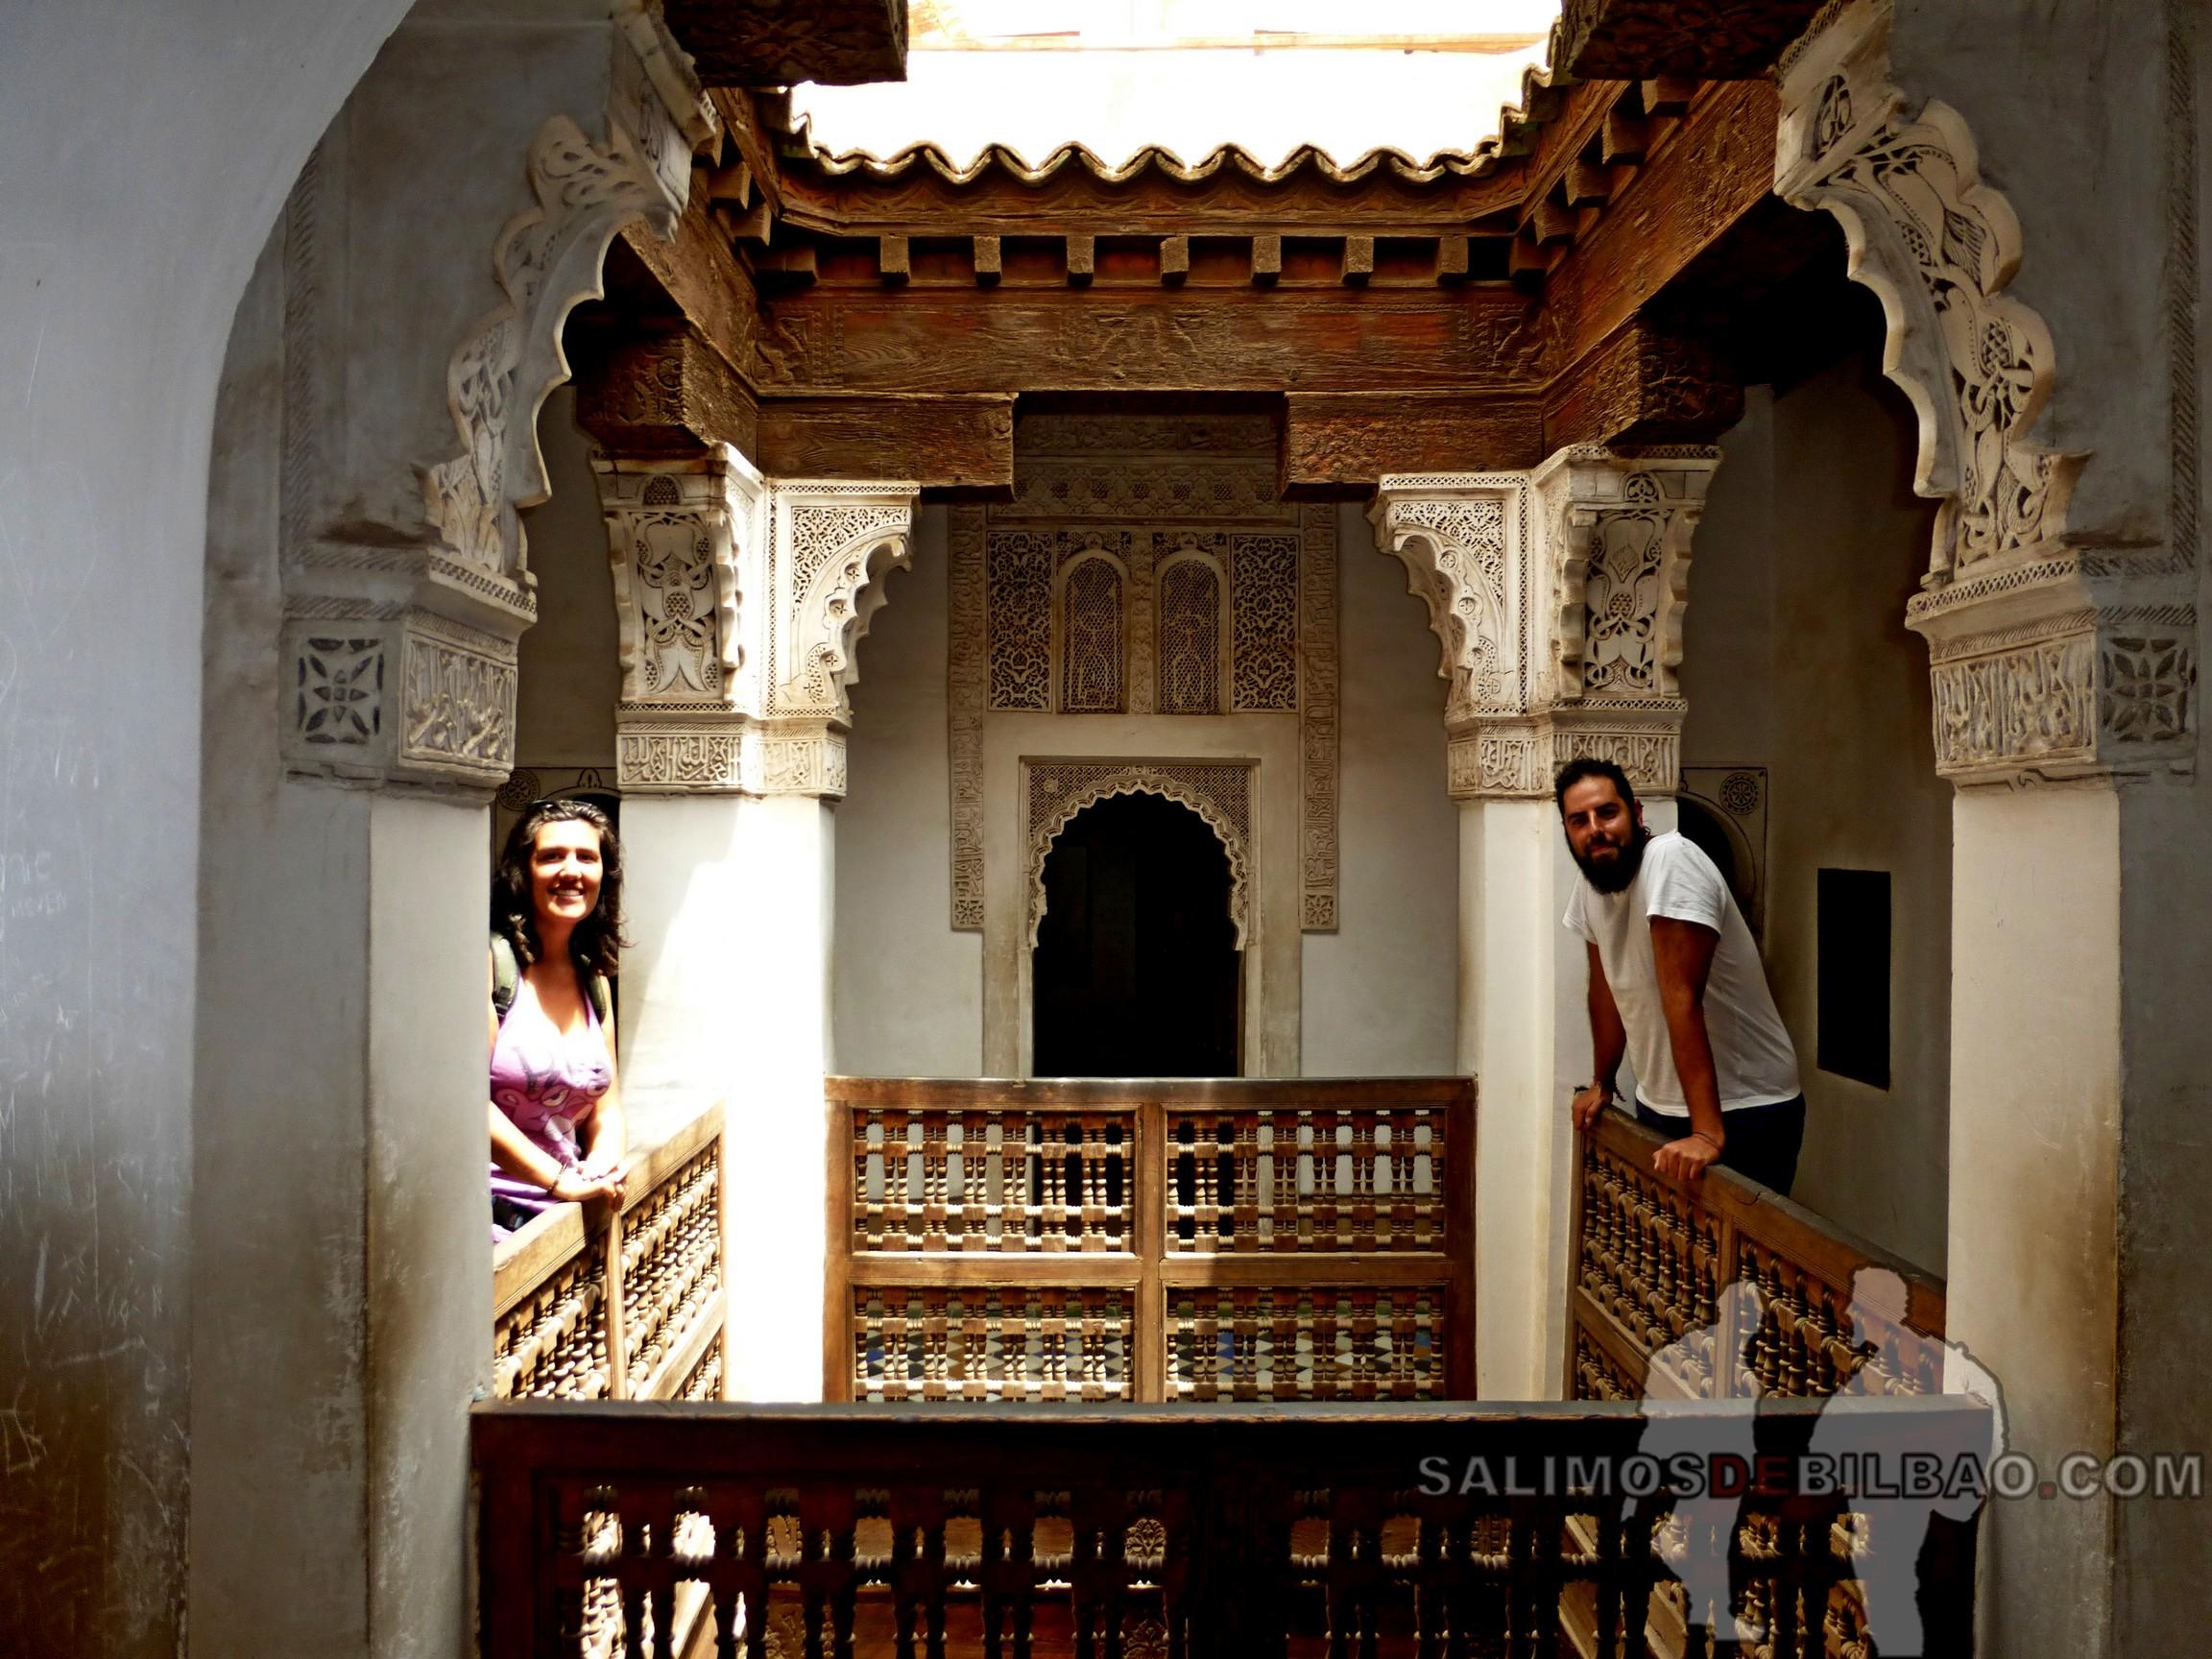 736. Katz y Saioa, Madraza de Ben Youssef, Marrakech